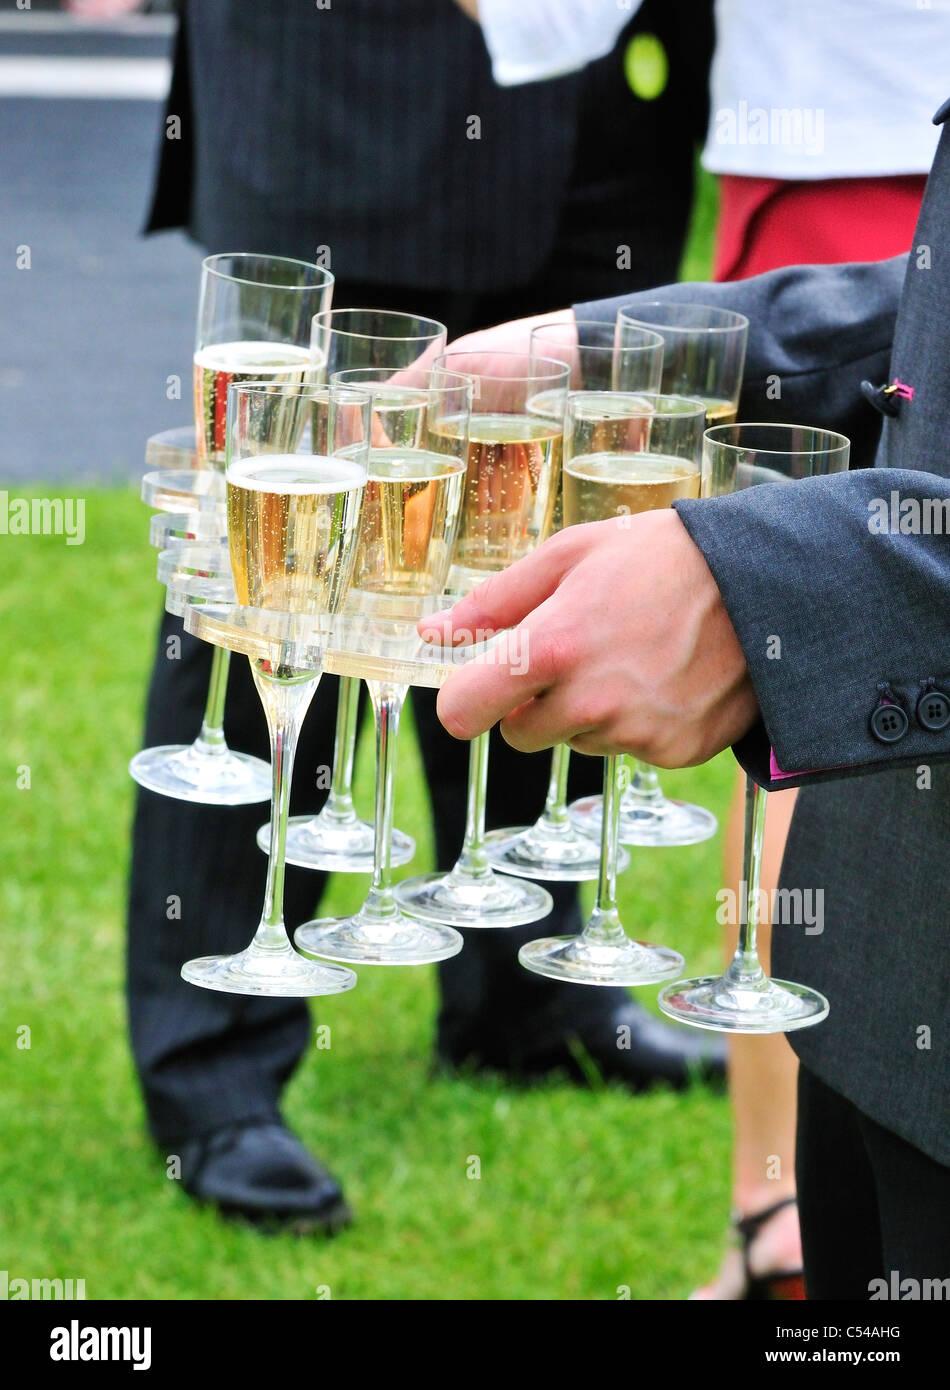 Uomo che porta bicchieri di champagne in uno sponsor ospitalità tented area a Henley Royal Regatta, Henley Immagini Stock